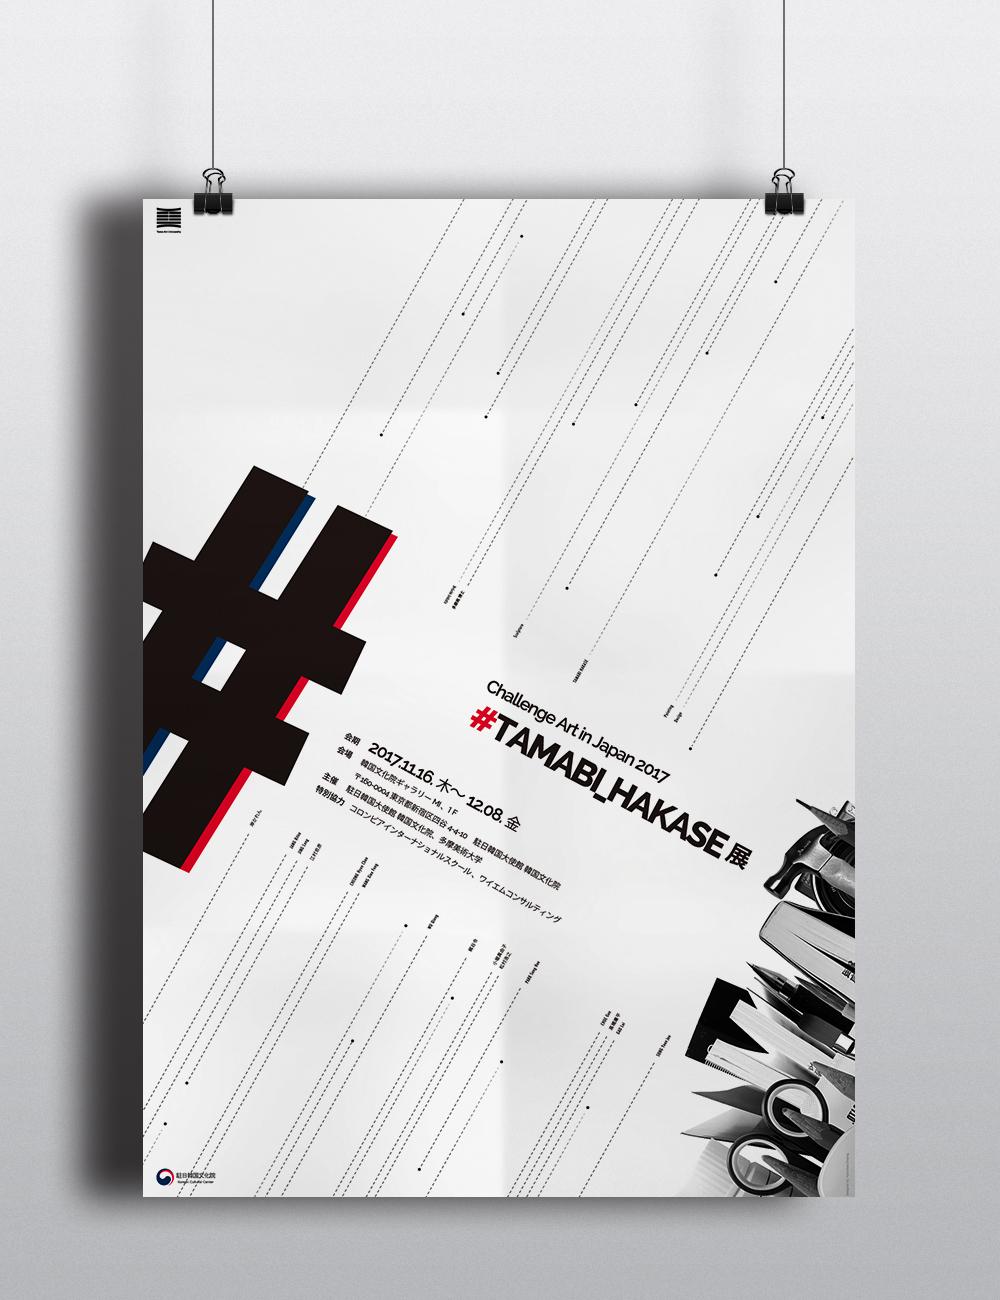 #TAMABI_HAKASE (Art Direction)